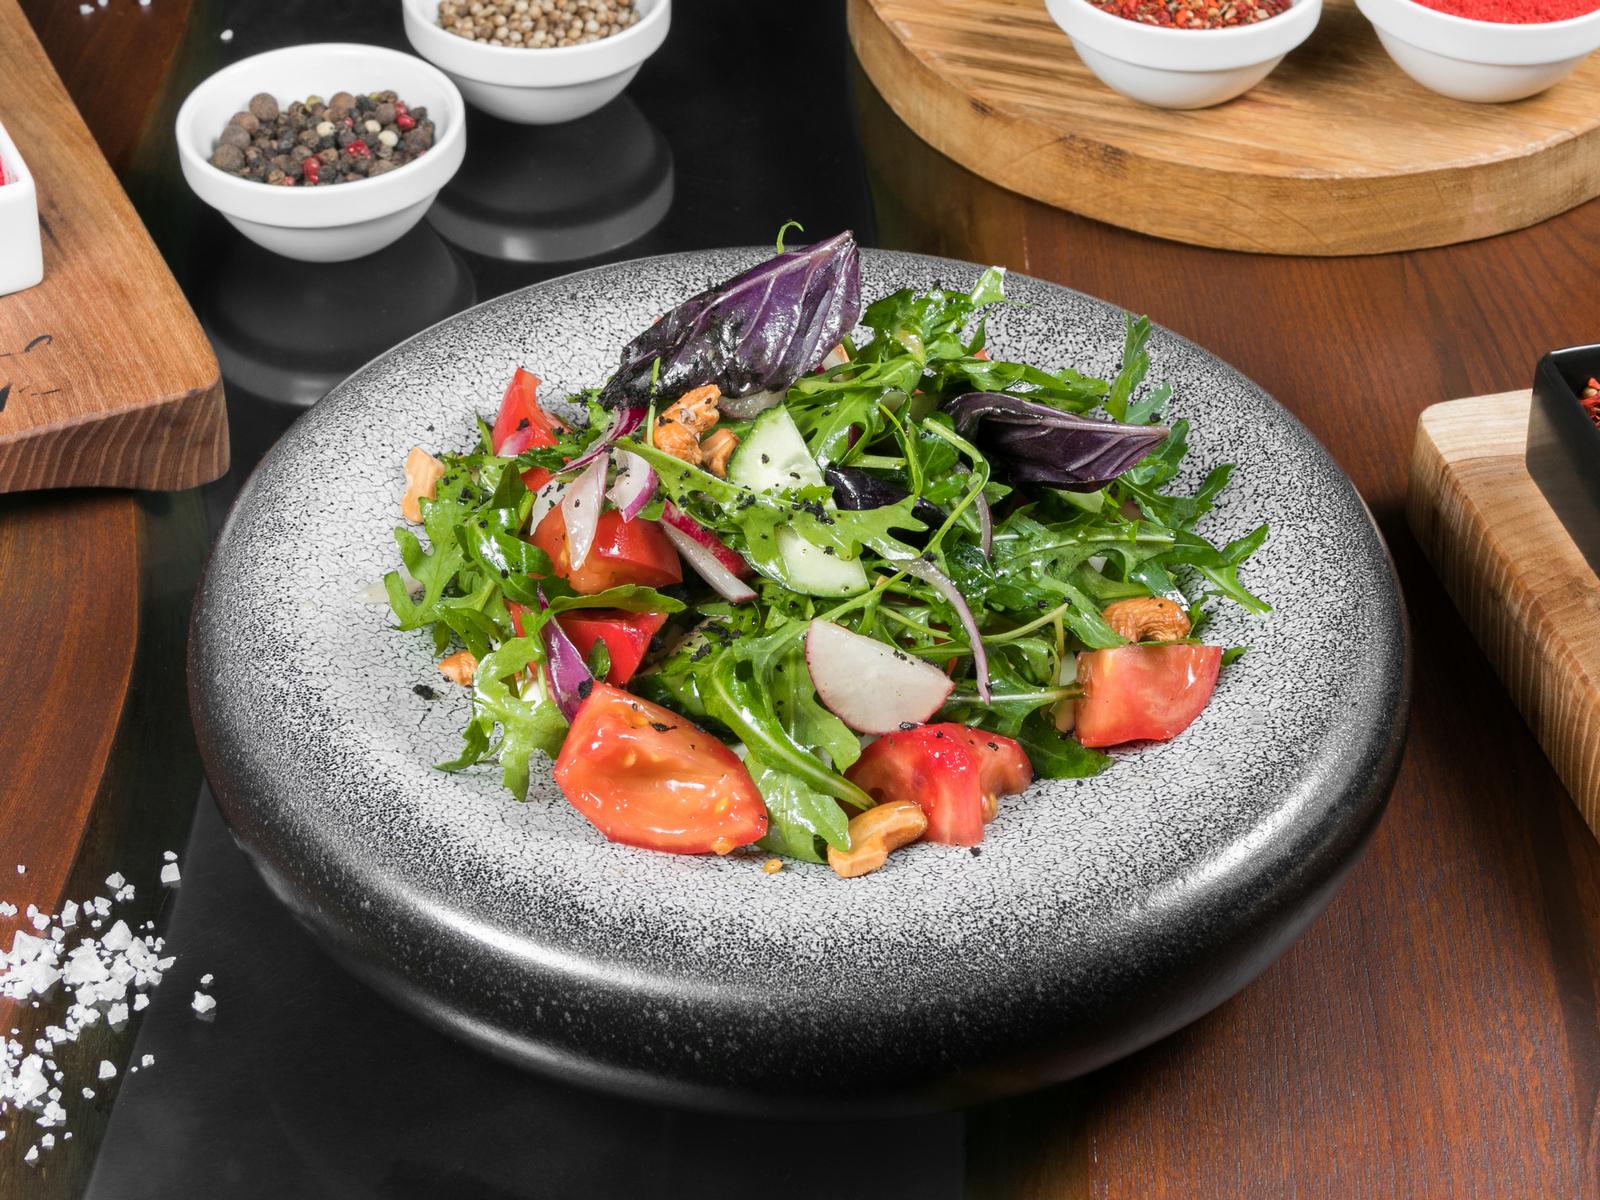 Салат овощной с брынзой и кешью.